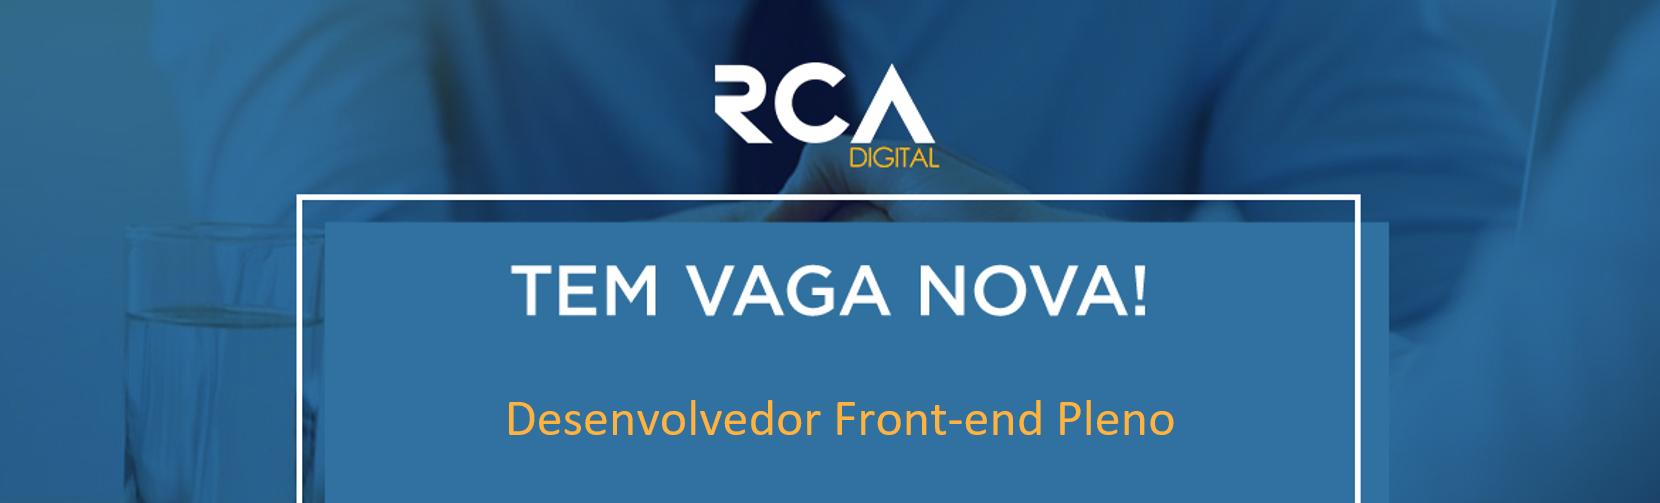 [RCA] Desenvolvedor Front-end Pleno